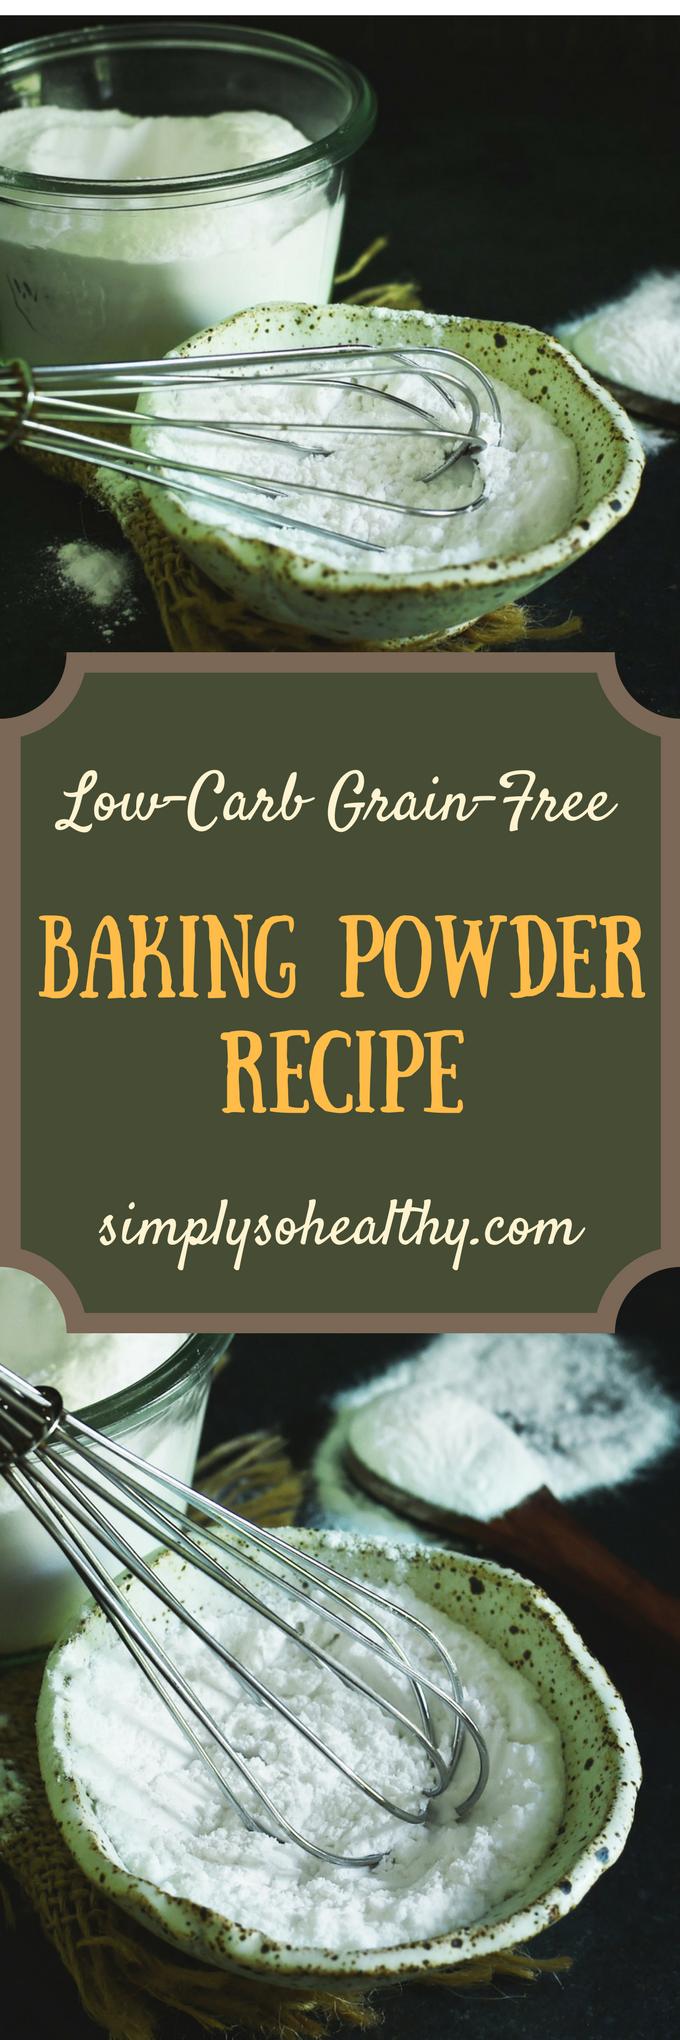 Low-Carb Baking Powder | Recipe | Baking powder recipe ...